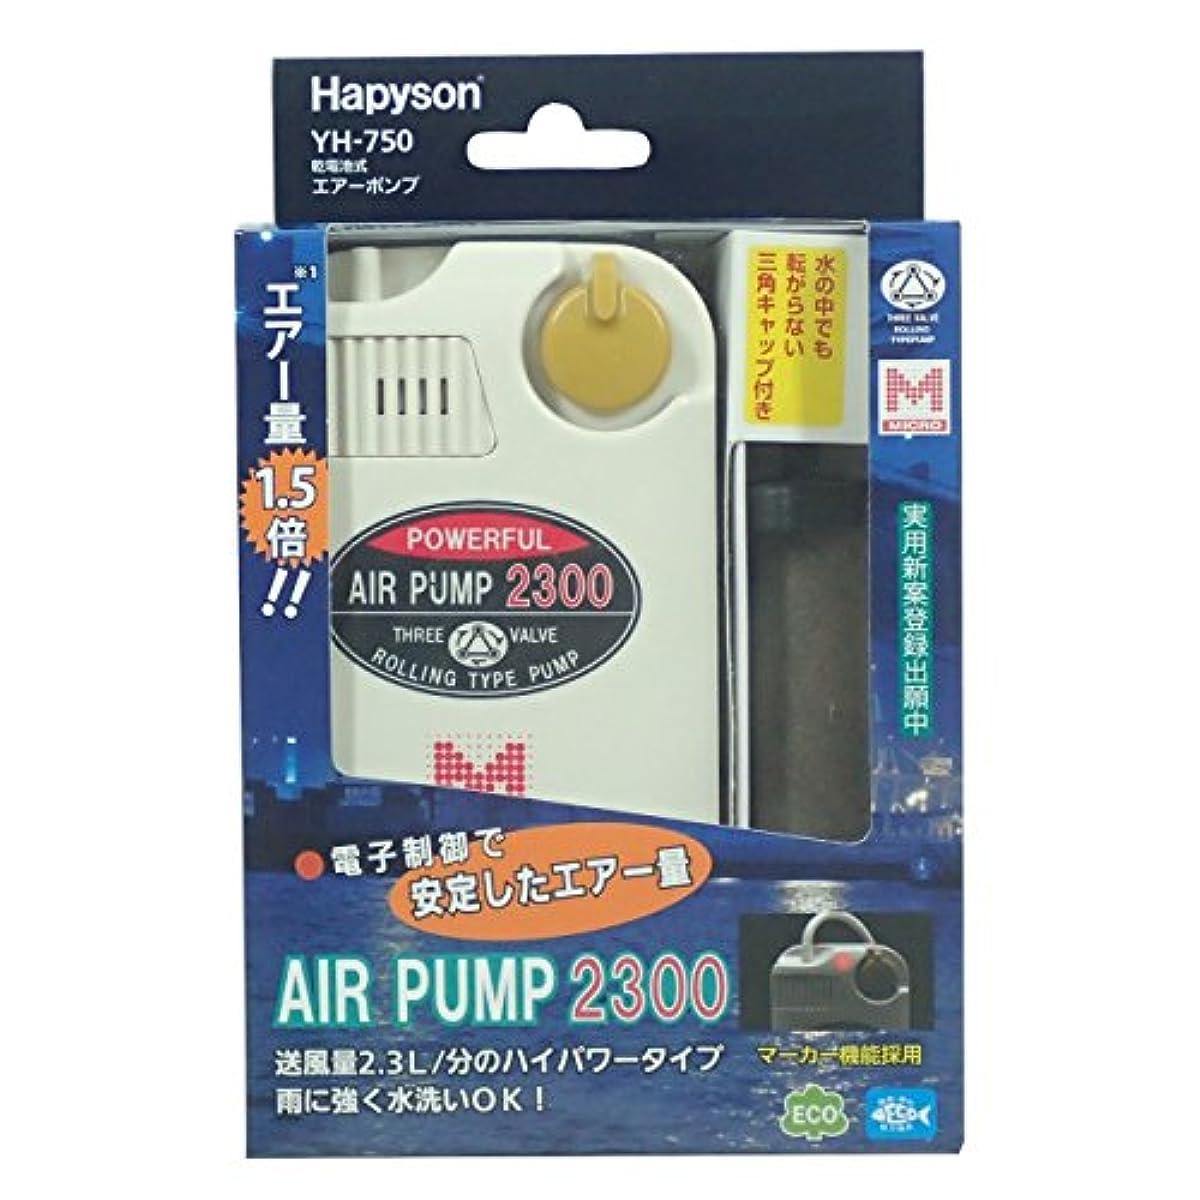 [해외] 해피손 YH-750 건전지식 에어 펌프마커 기능 첨부 2300